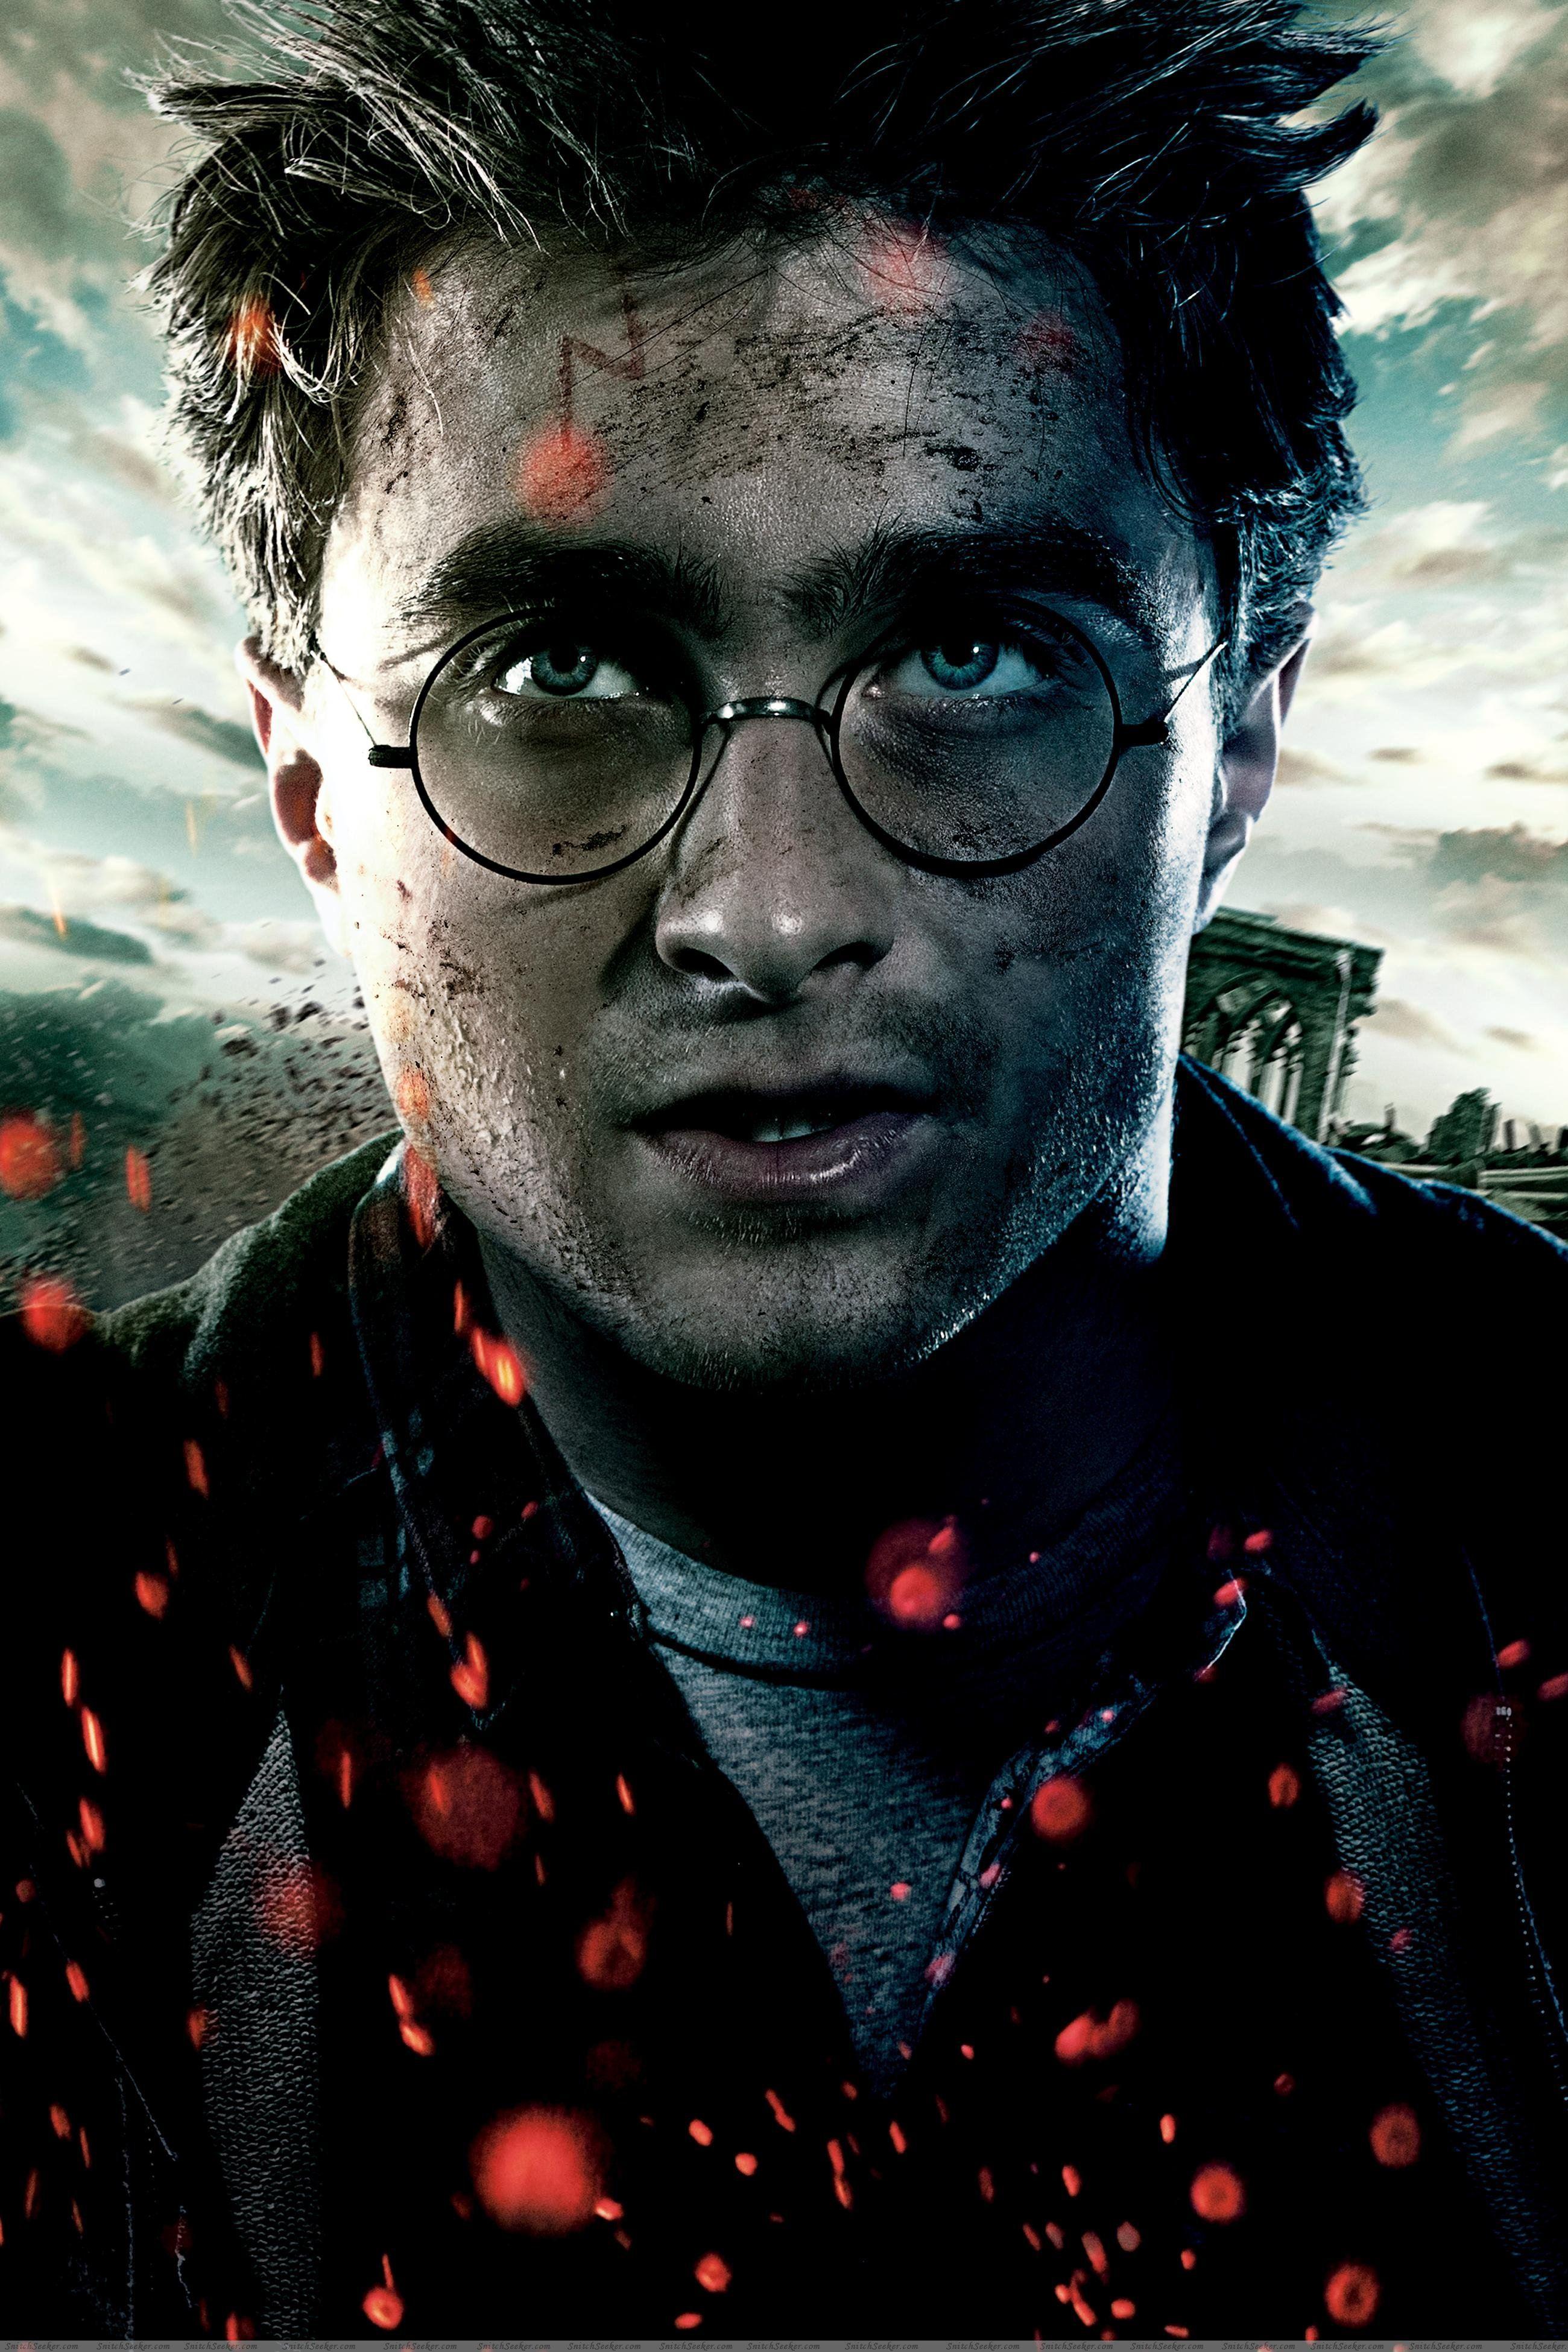 плакат фильма характер-постер textless Гарри Поттер и Дары Смерти: Часть вторая